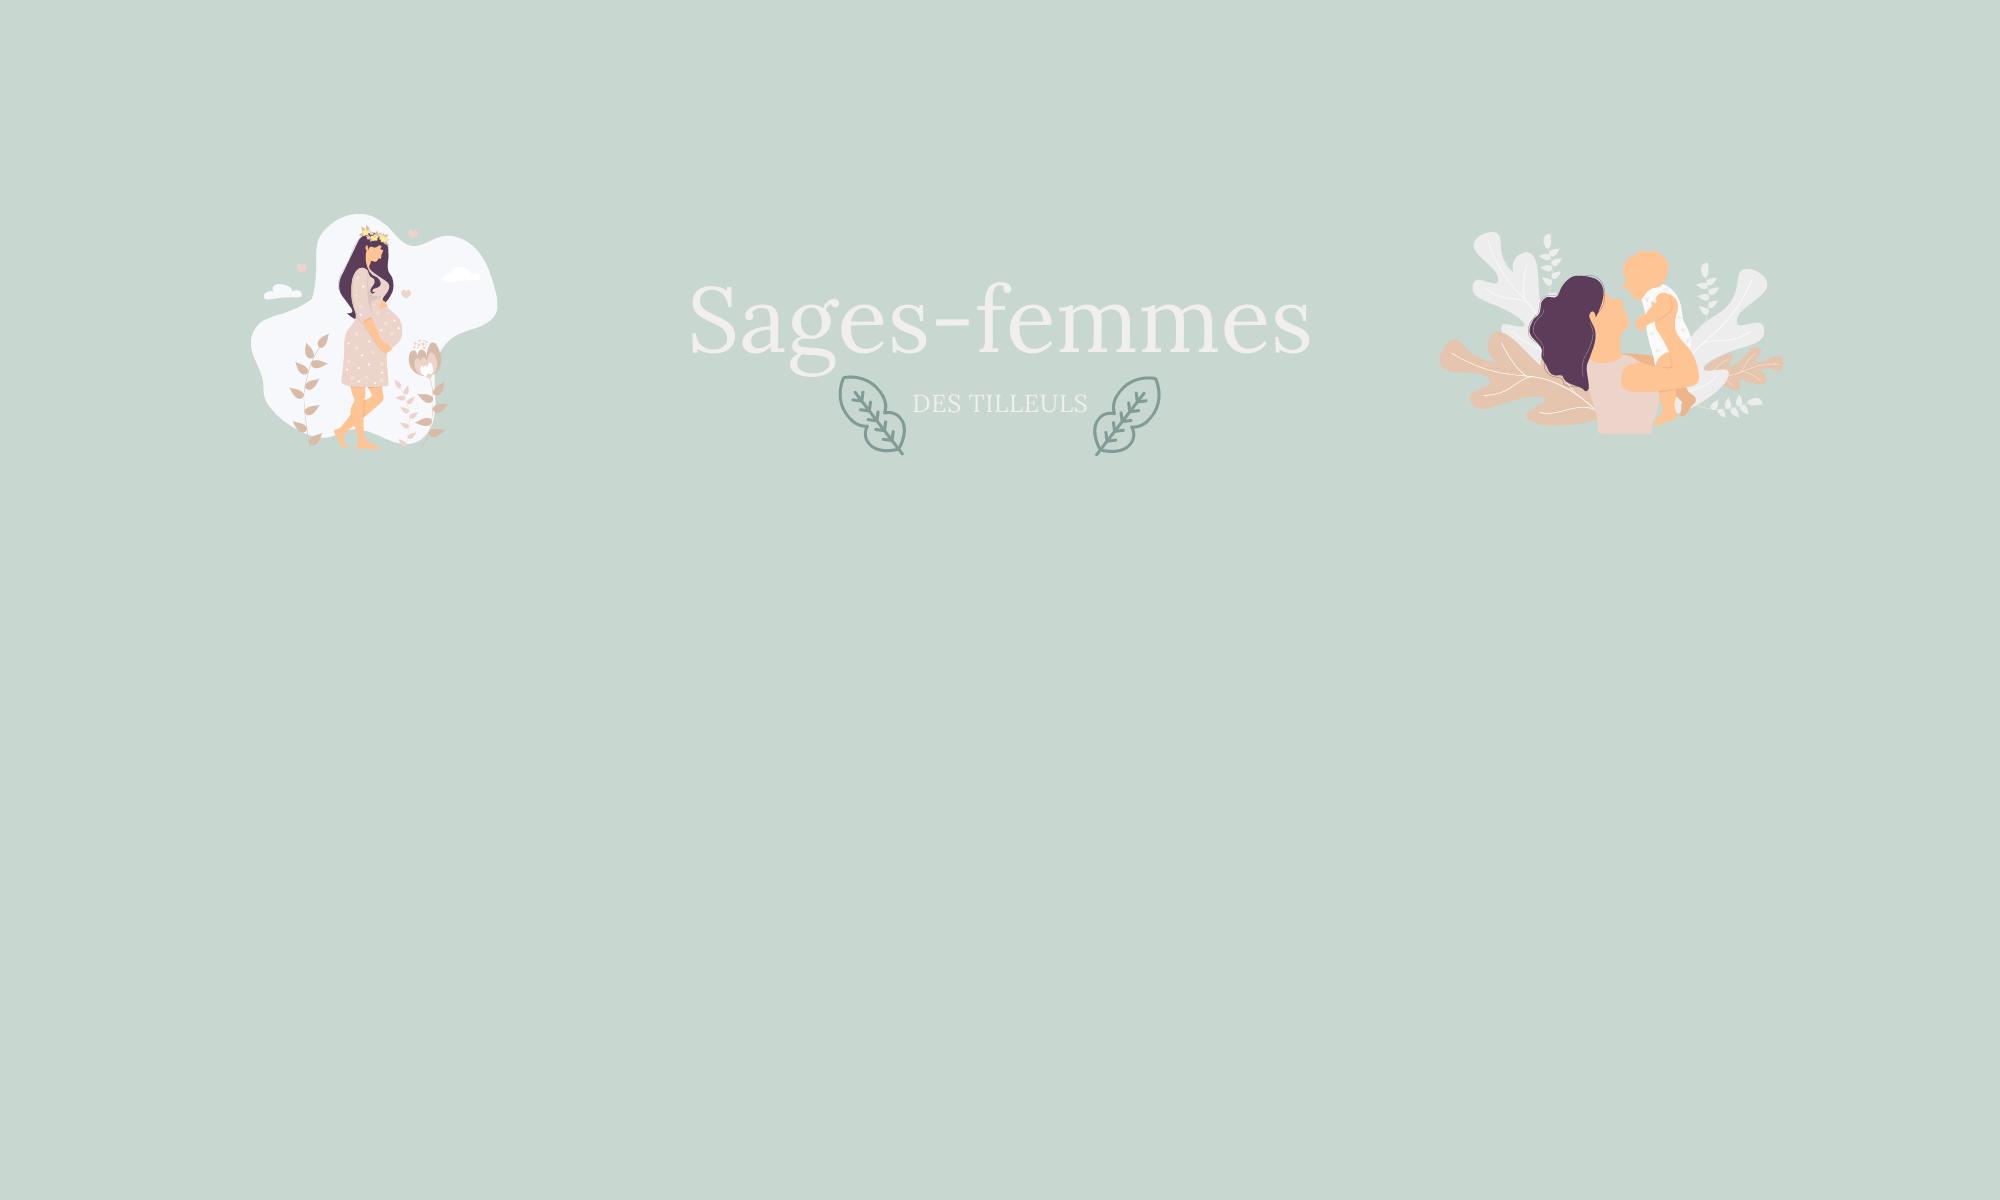 Cabinet de Sages-femmes